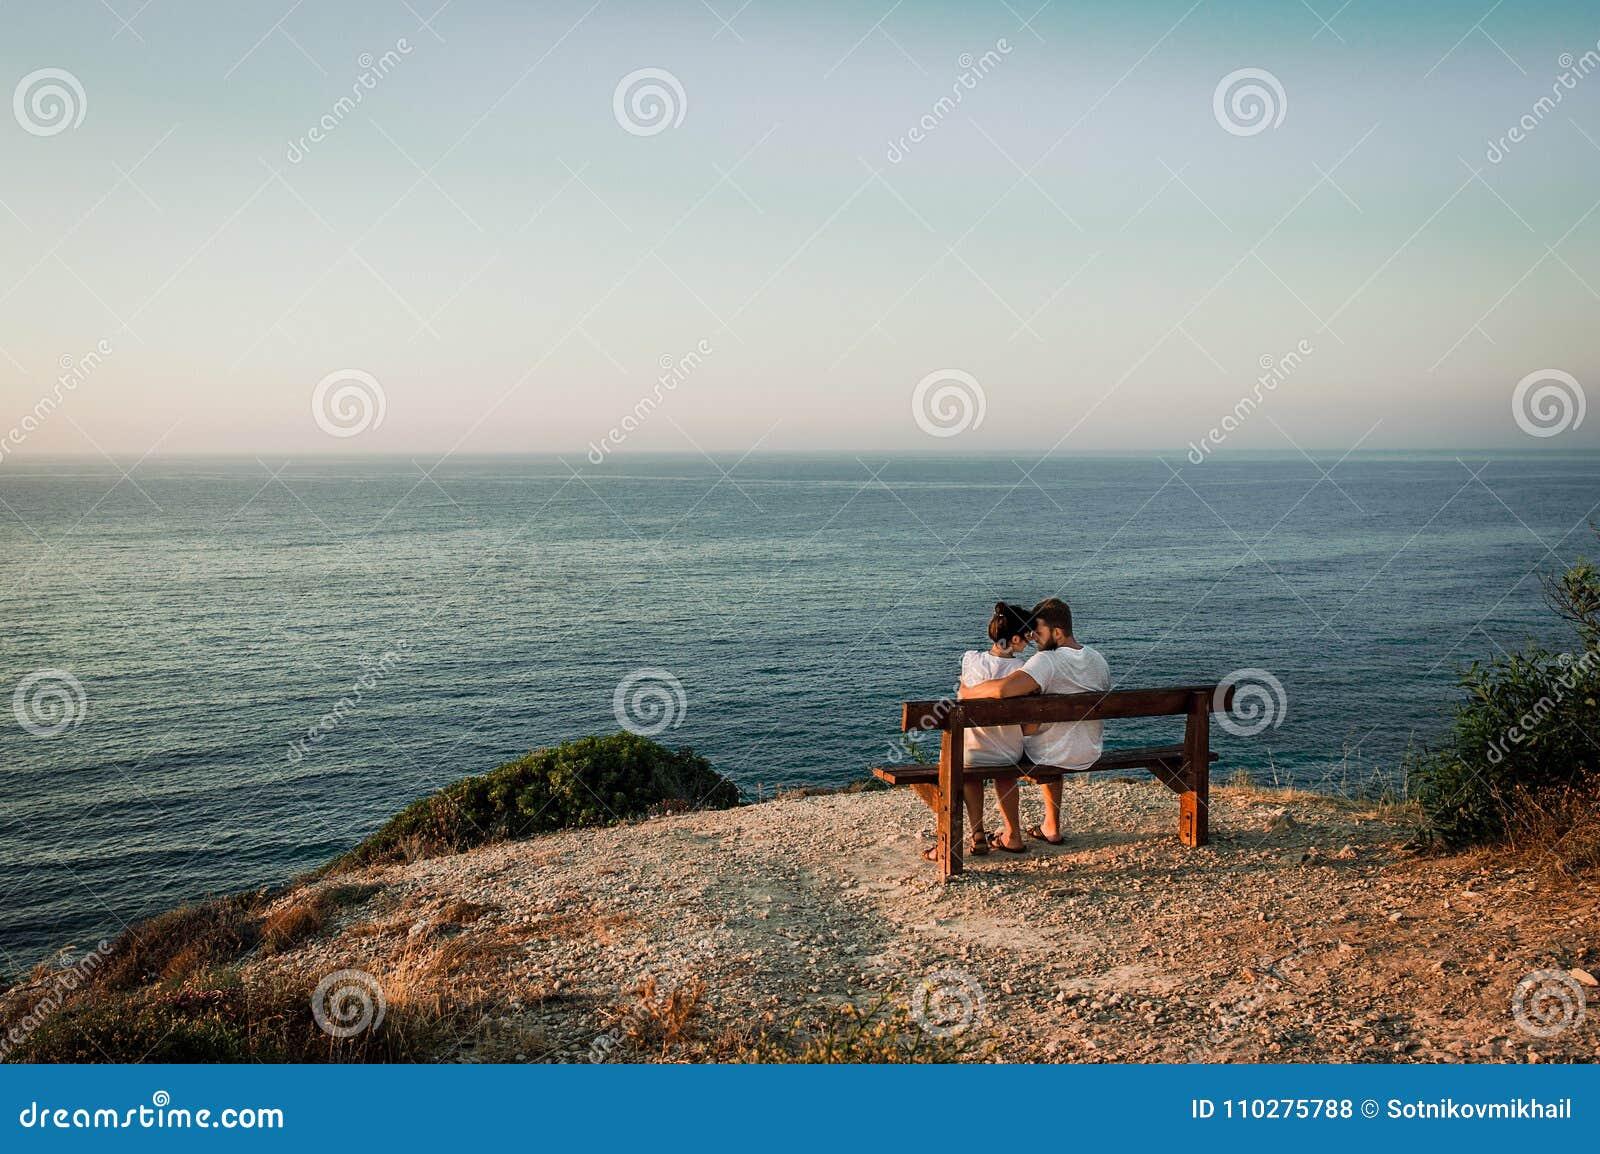 Grabben och flickan möter de första strålarna av solen på havet